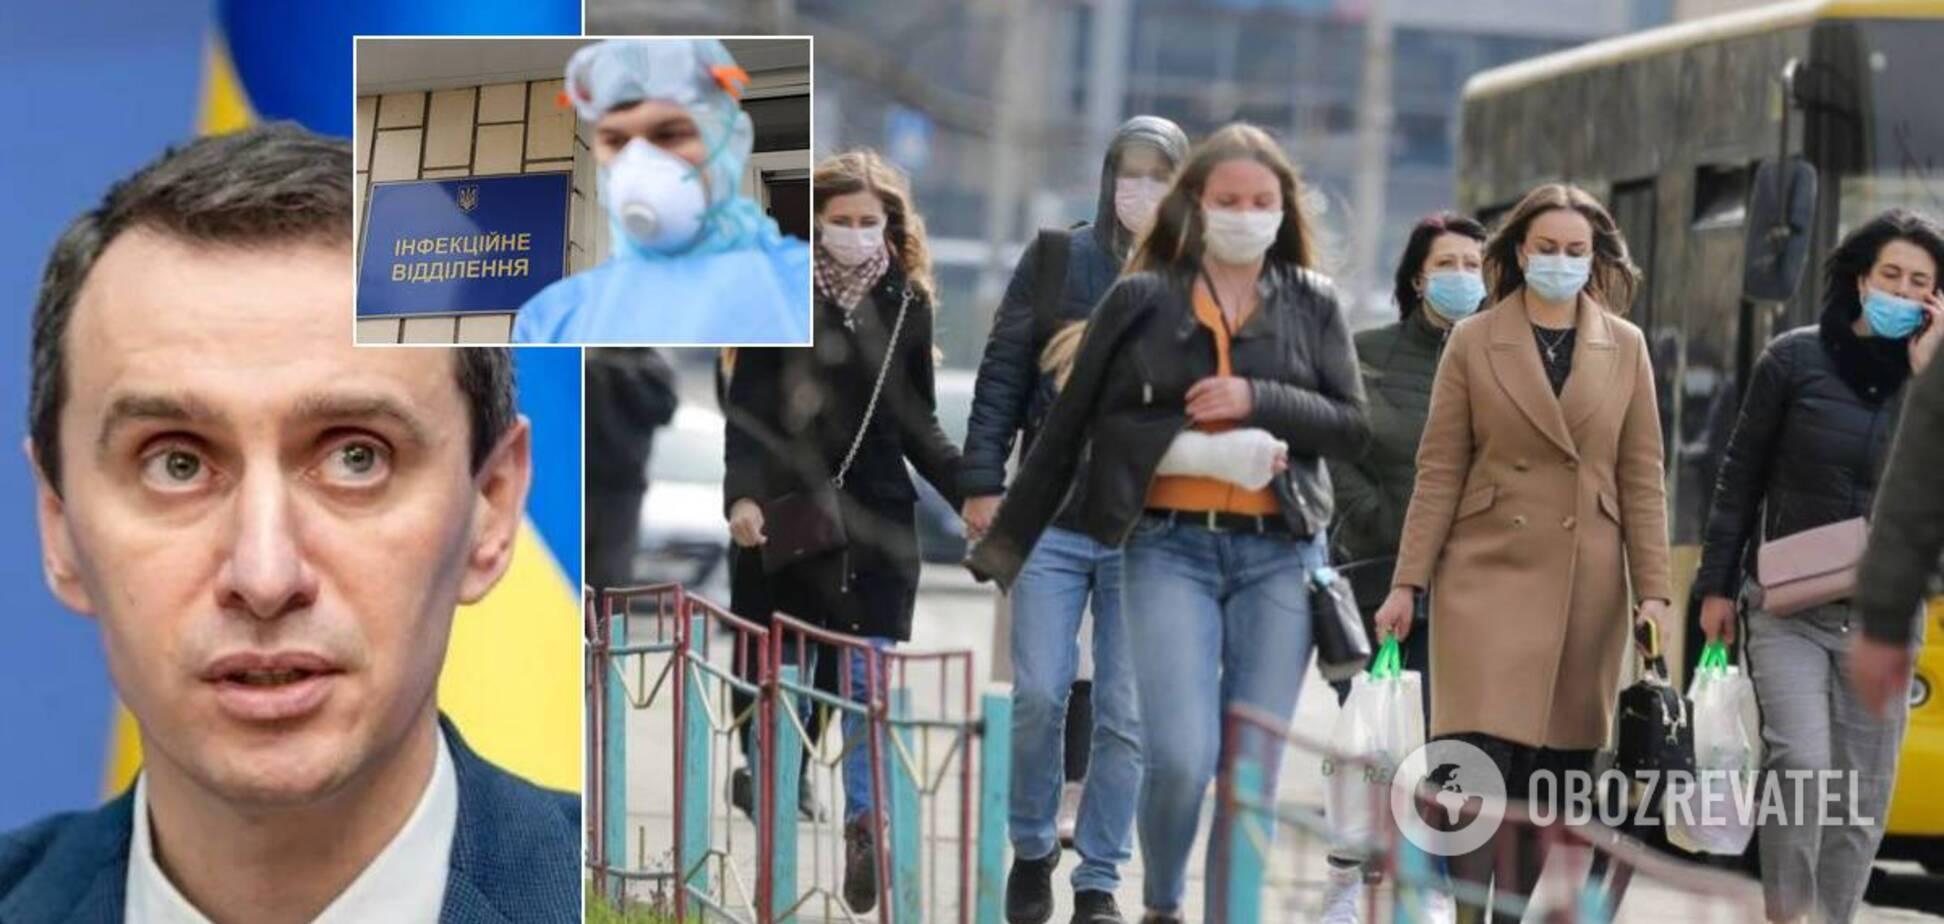 У п'яти областях України є ризик виникнення нових спалахів COVID-19, – Ляшко